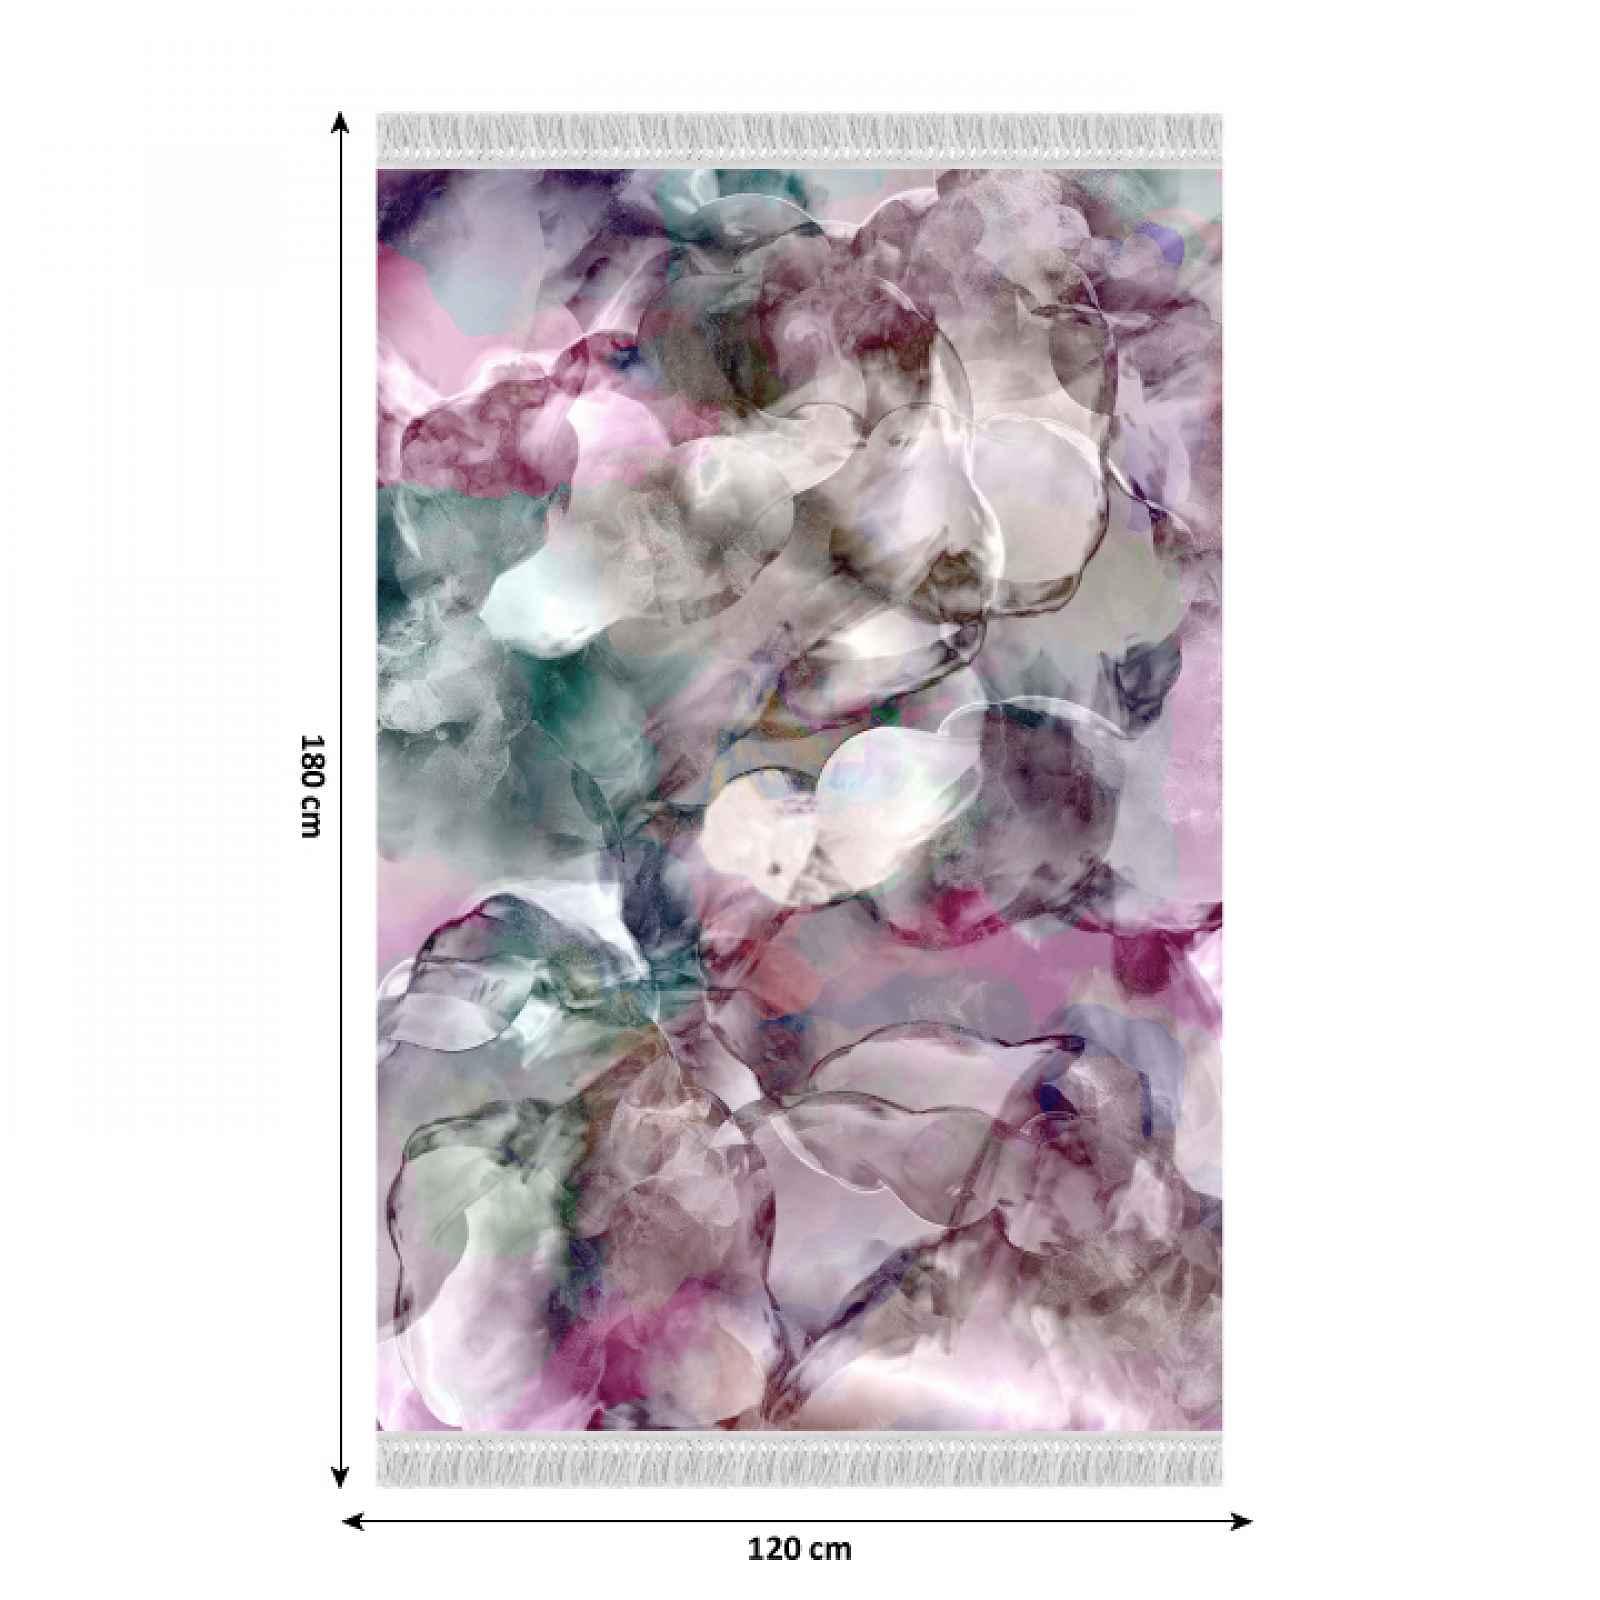 Koberec DELILA s třásněmi růžová / zelená / krémová Tempo Kondela 120x180 cm